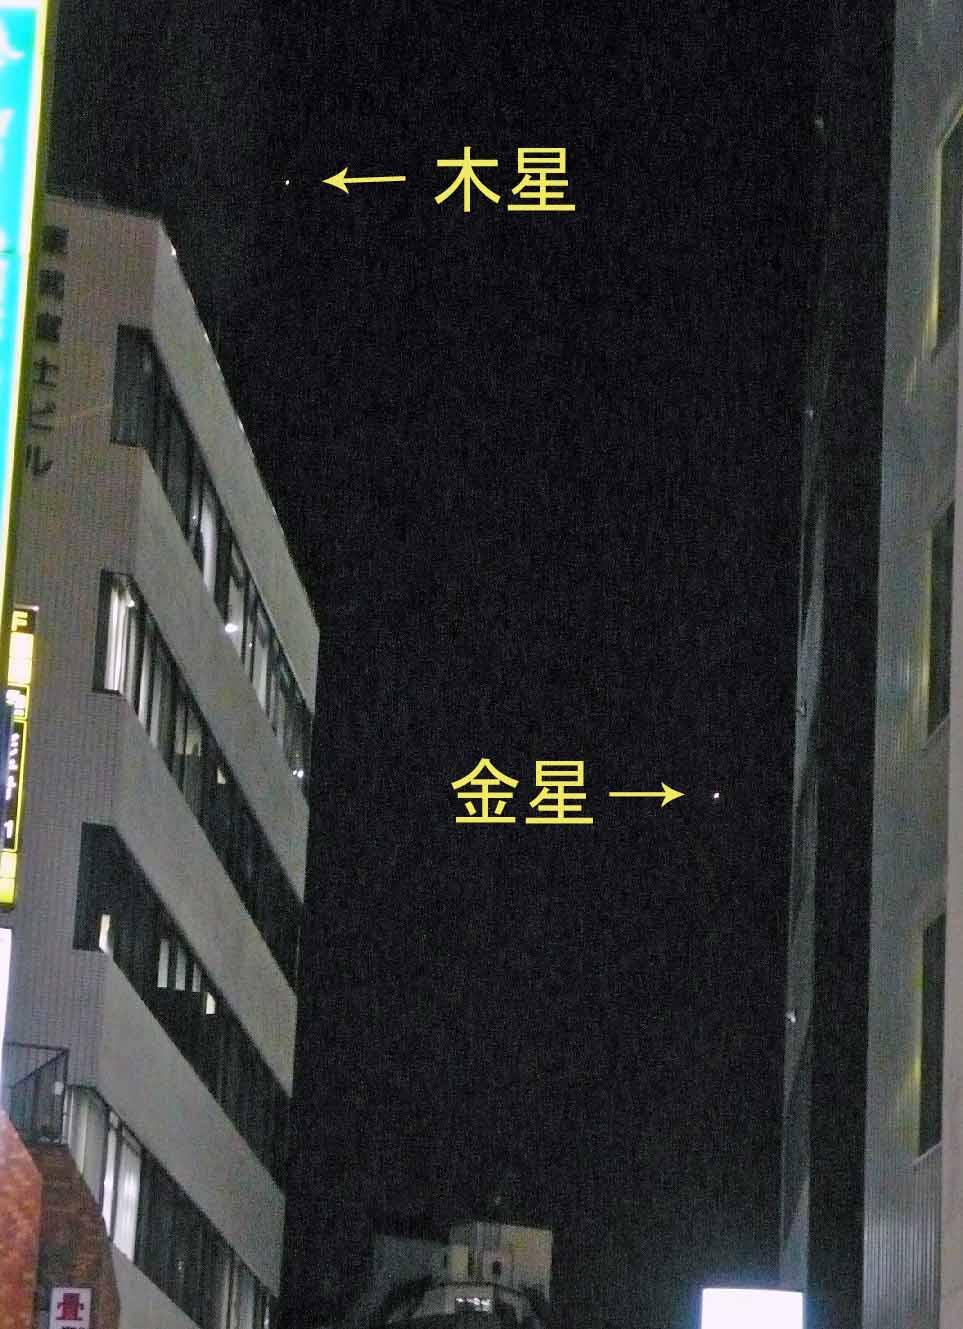 P1040587 - コピーのコピー.jpg